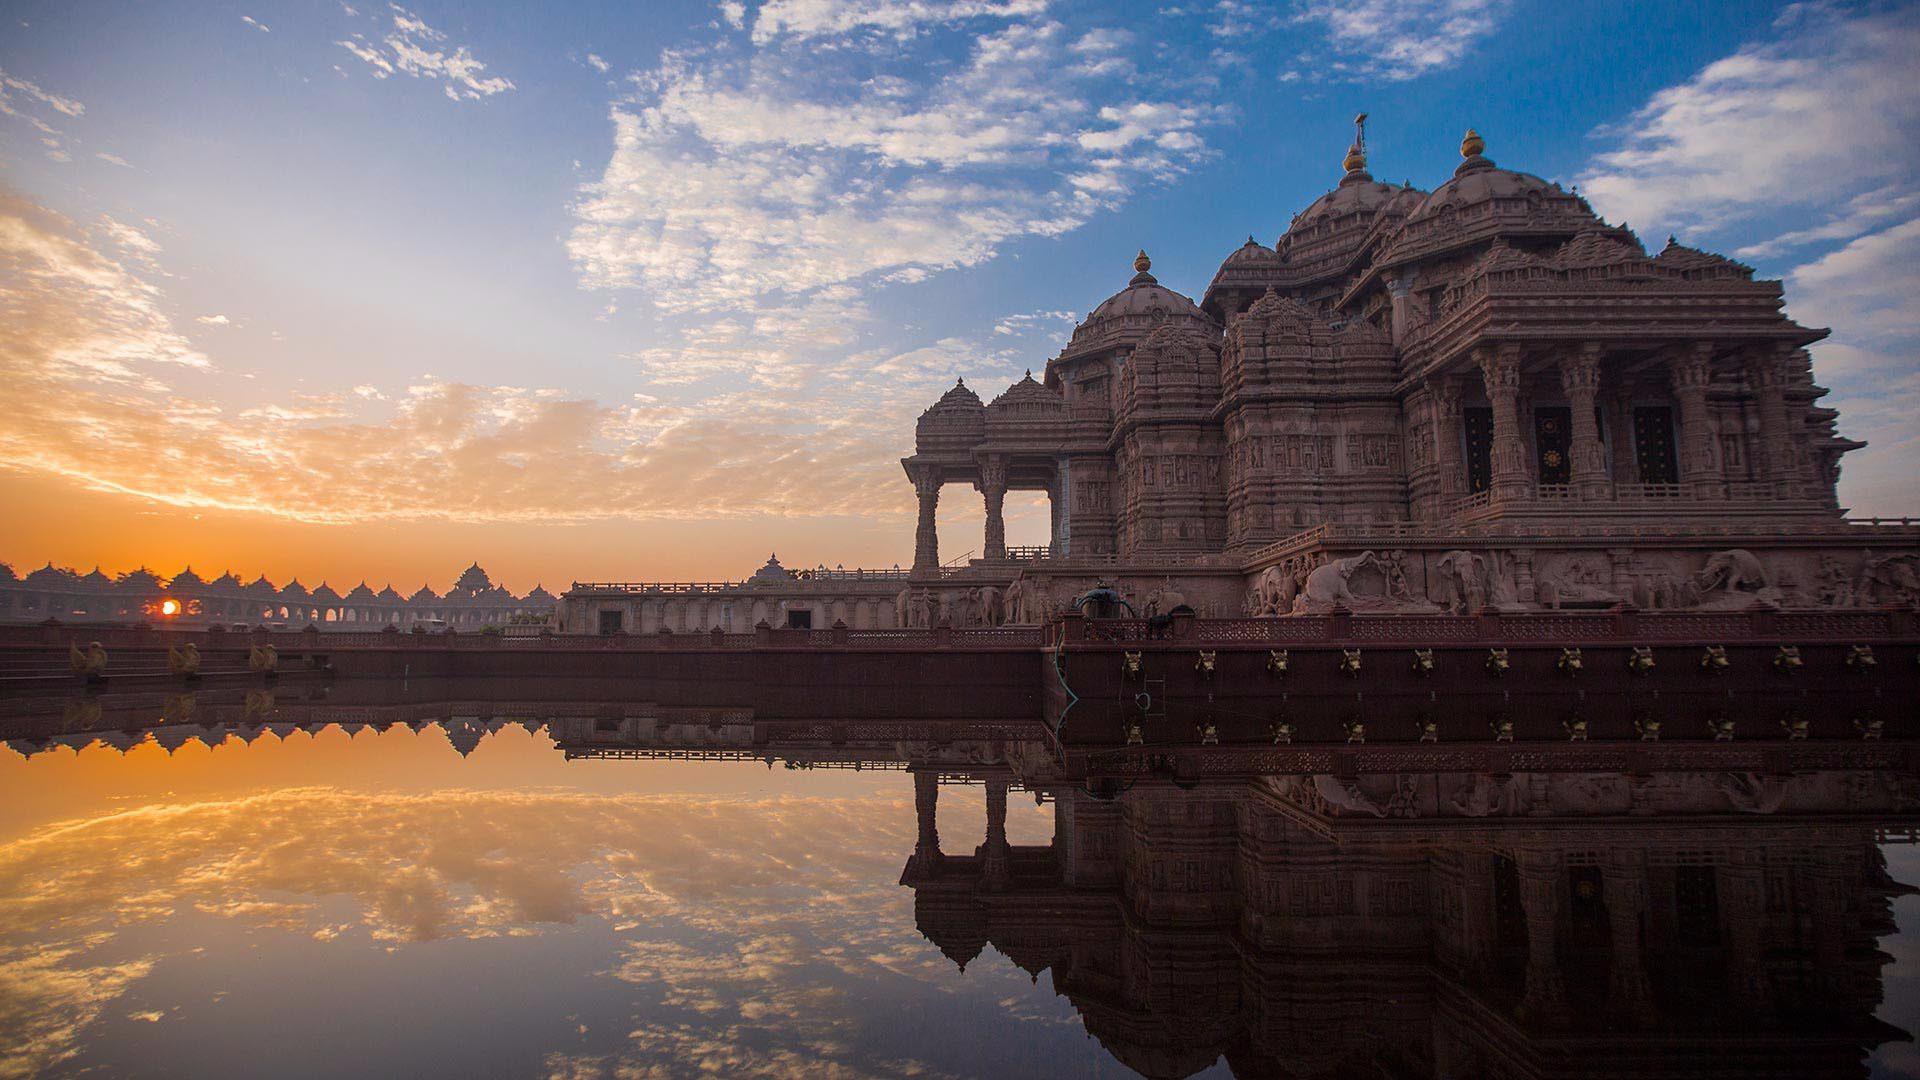 德里,印度